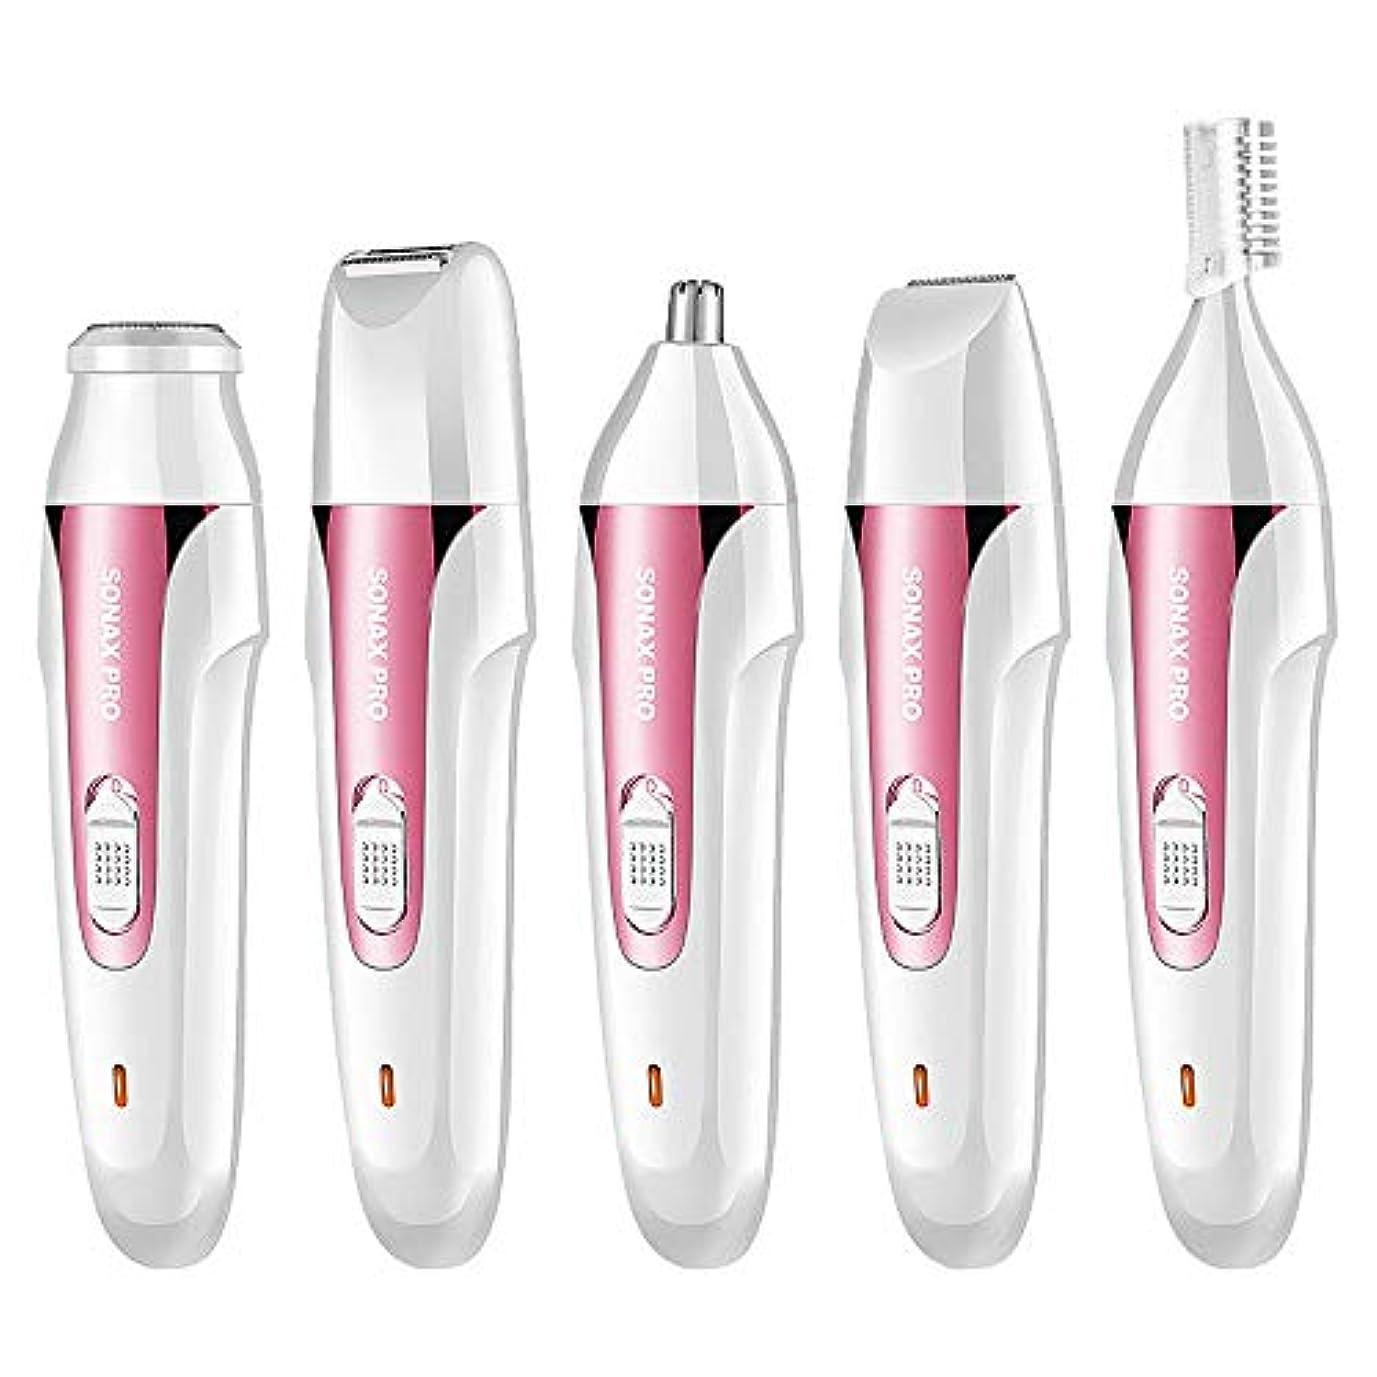 場合合金有益電気鼻耳トリマー、眉毛トリマー、オールインONEヘアーリムーバー女性、無痛カミソリテクノロジー メンズ ムダ毛トリマー 耳毛 鼻毛切り (Color : Pink, Size : USB)